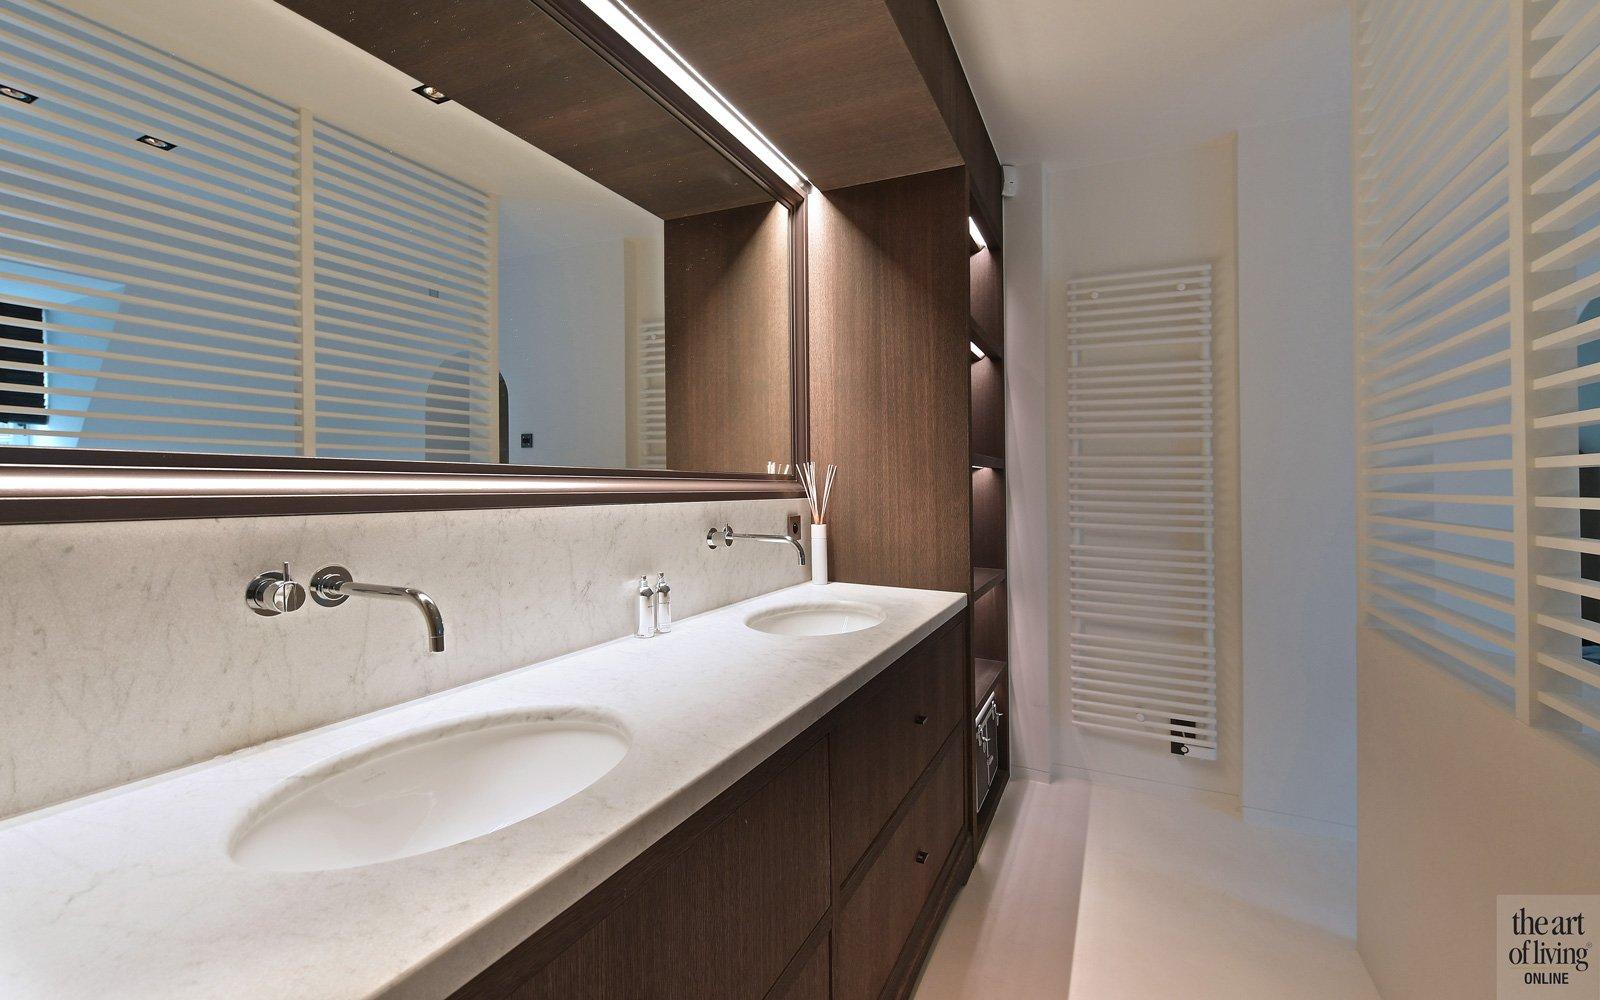 Wastafel, badkamer, lavabo, sanitair, grote spiegel, klassiek modern, Jurgen Weyne